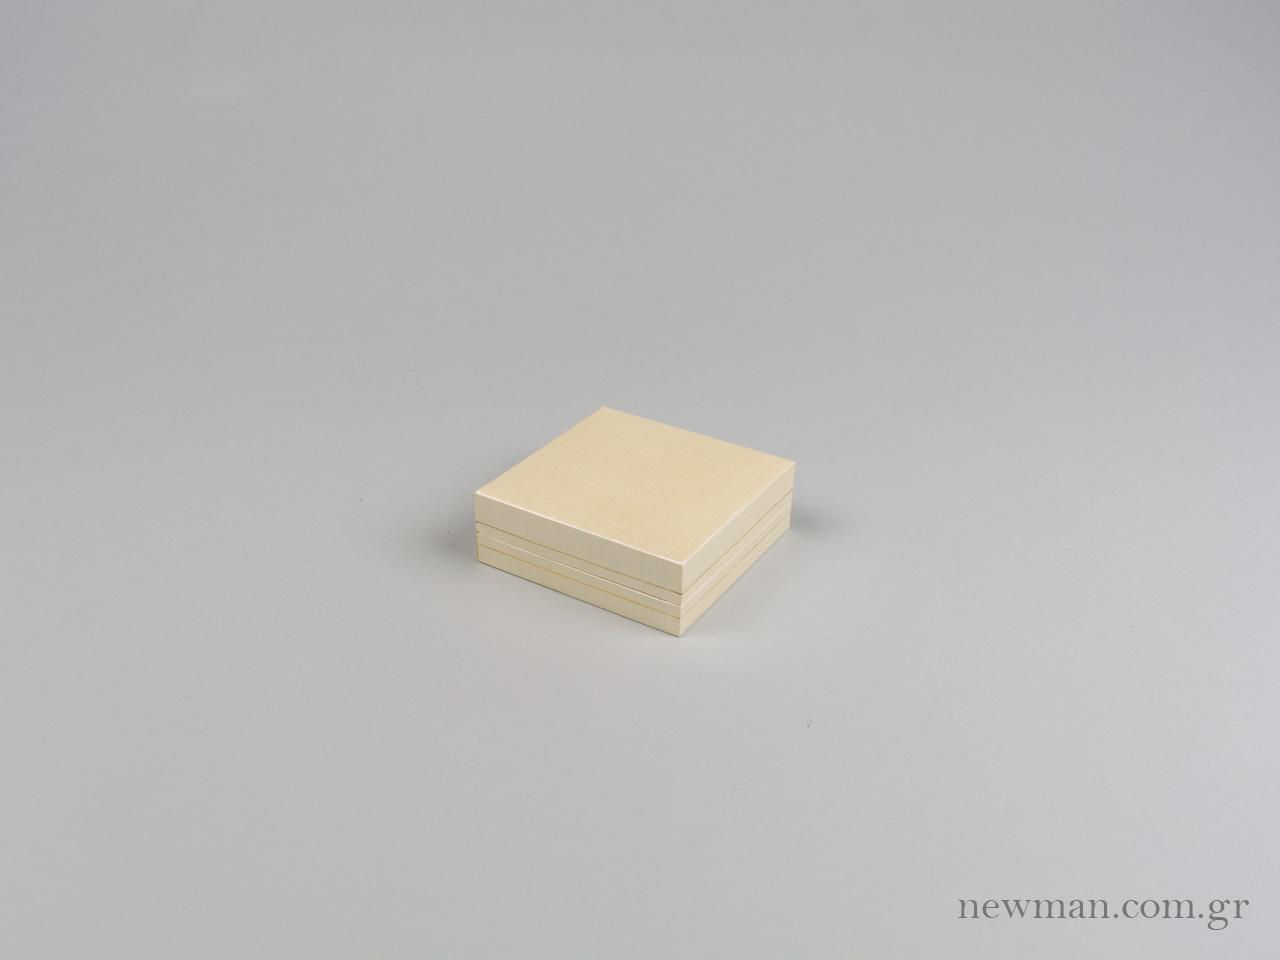 000475 kouti vasi xeiropeda dermatini L6